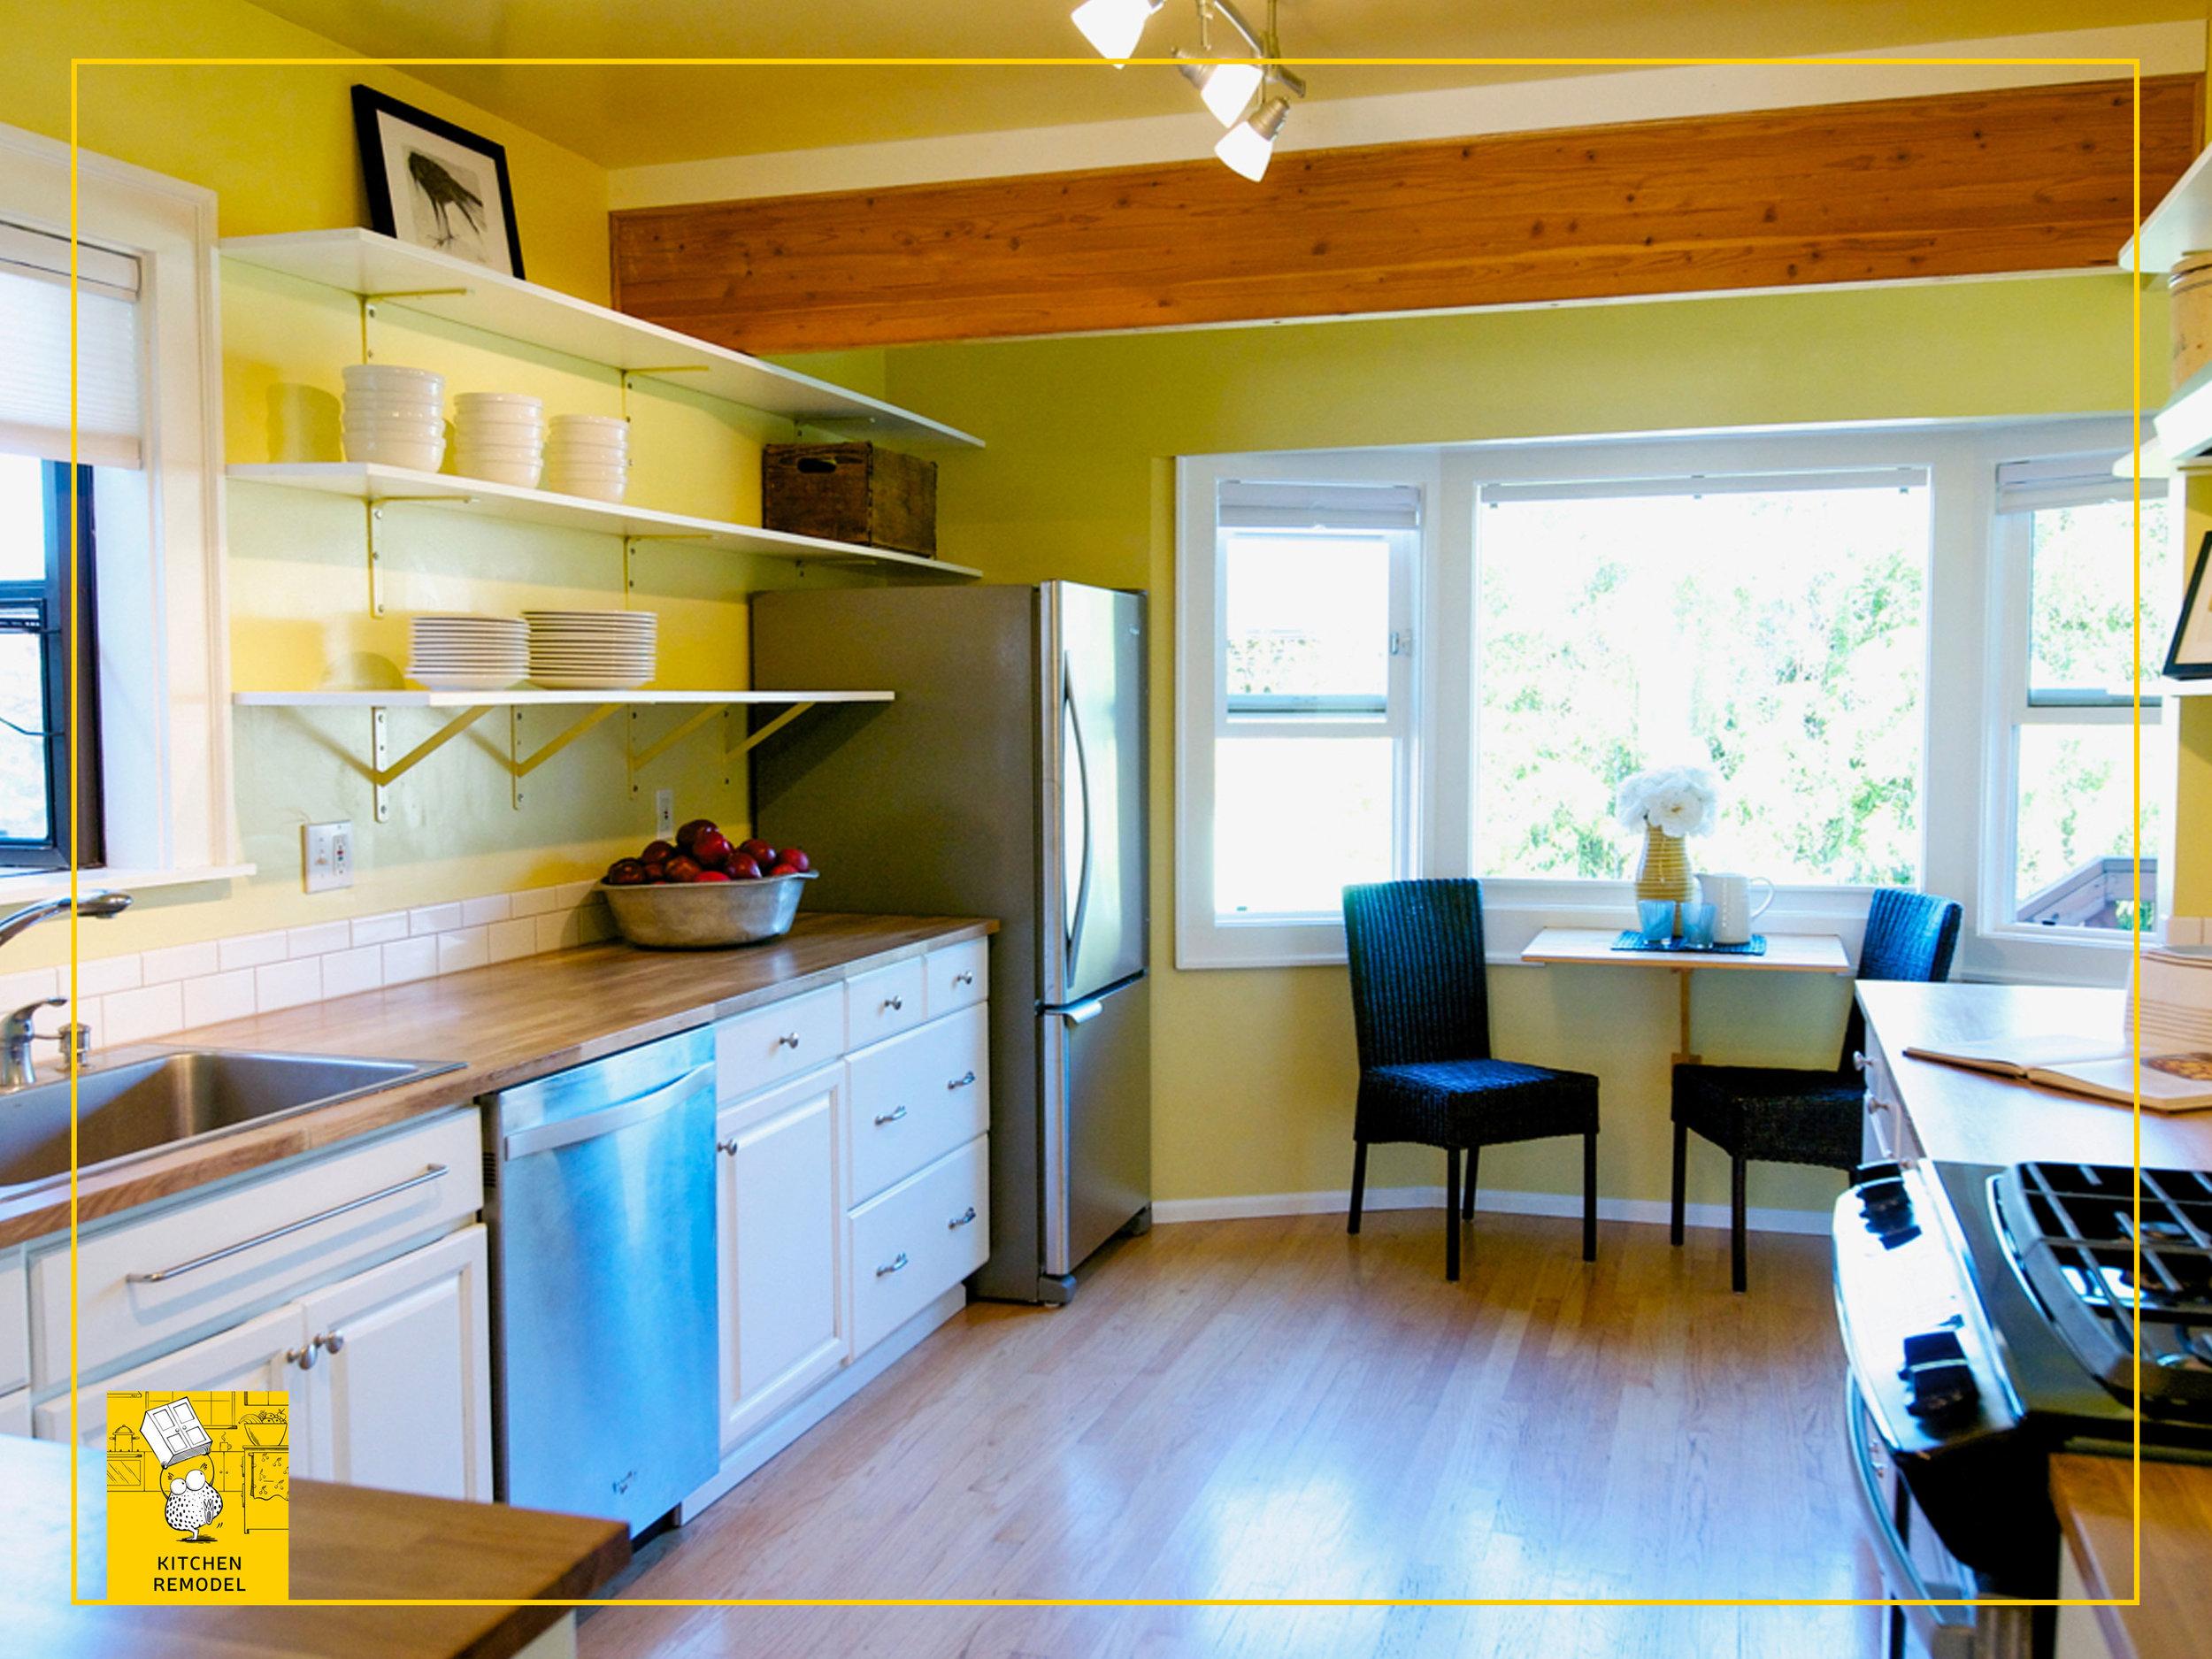 MT kitchen 3 after 2.jpg